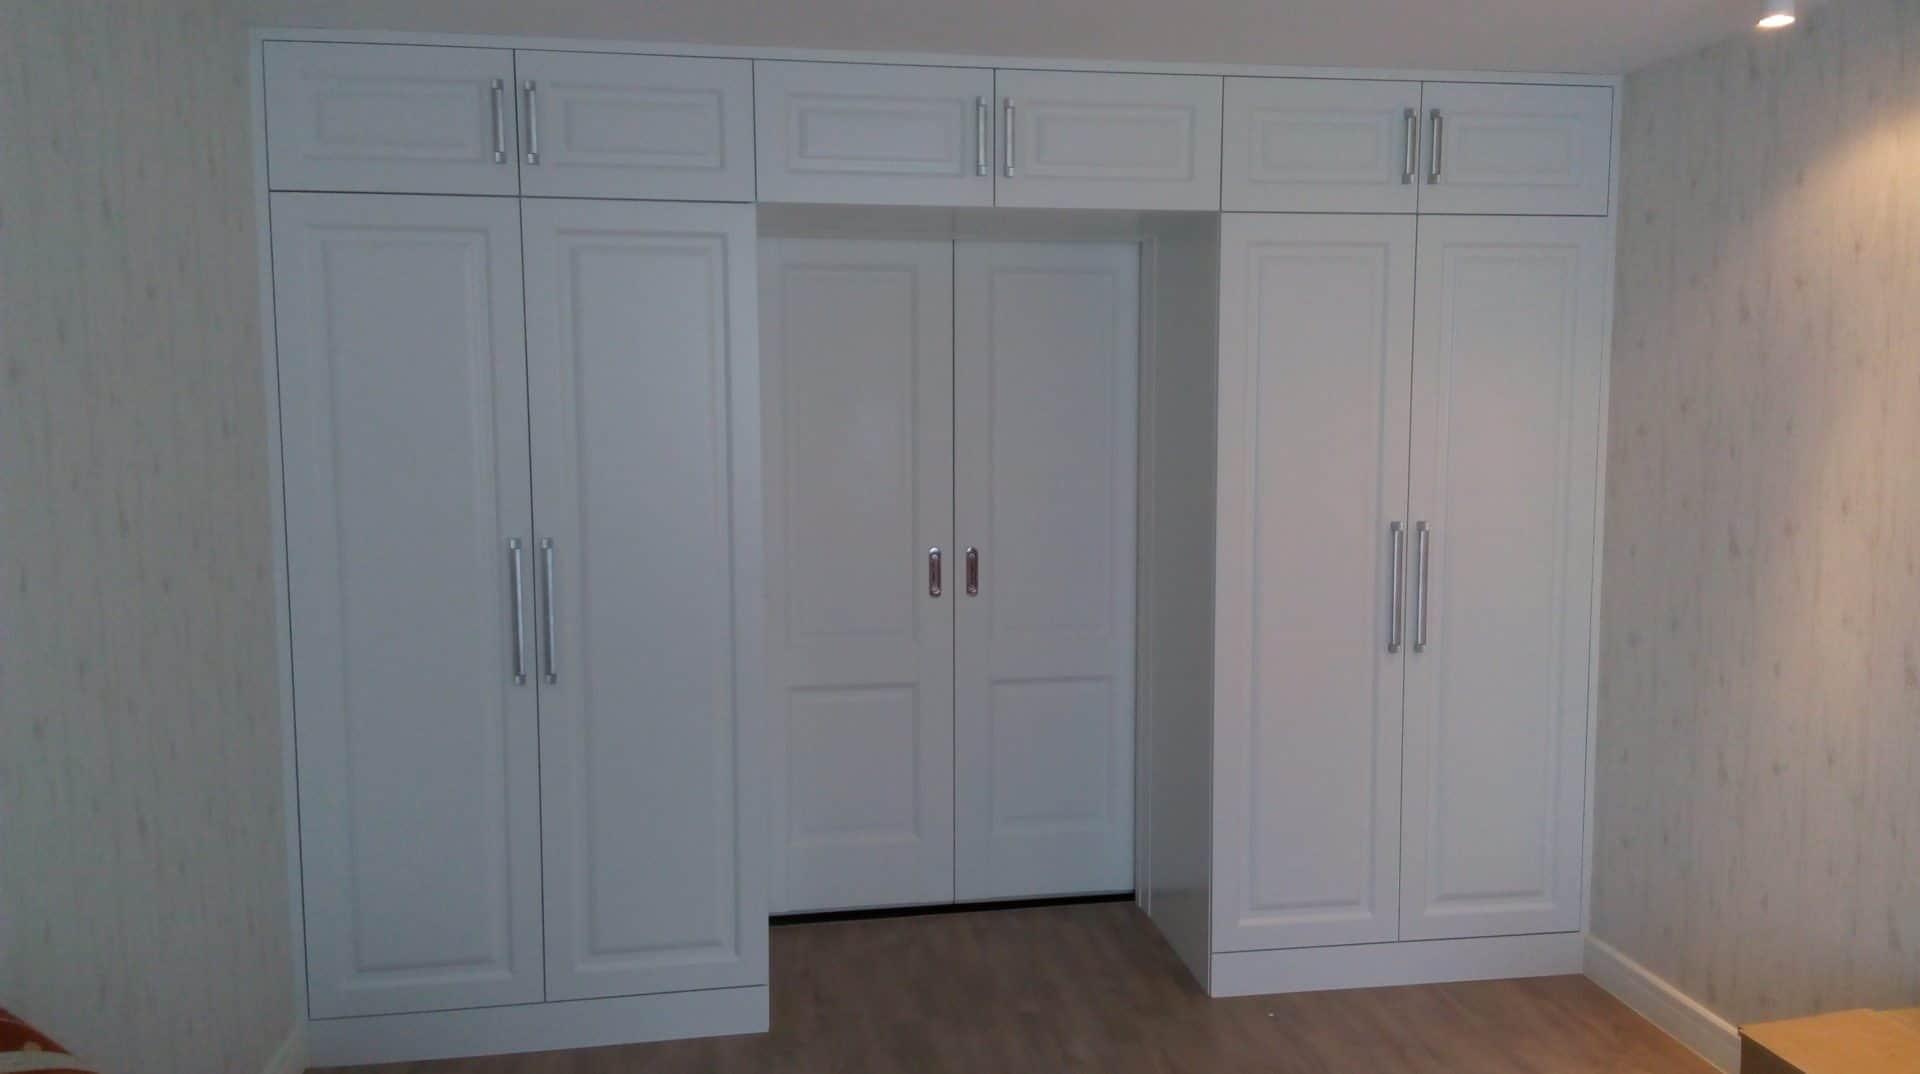 Двери распашные шкафов своими руками 463